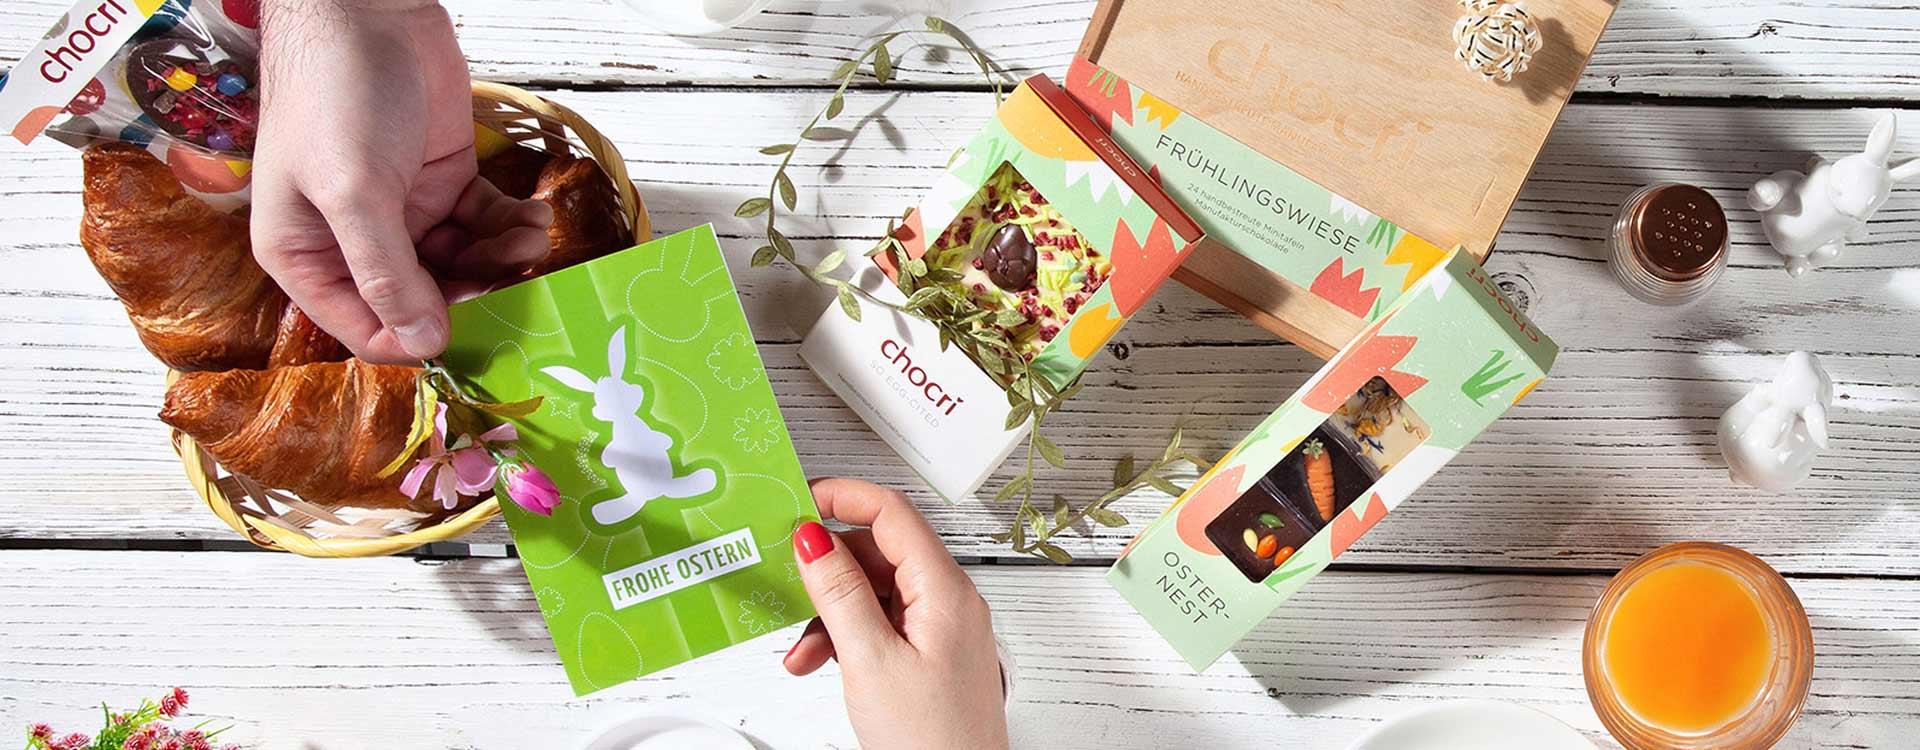 Zu Ostern feiern Frühling, Gottes Sohn und der gute Geschmack jedes Jahr wieder Auferstehung: Wir von chocri feiern mit unserer leckeren Schokolade gerne mit!